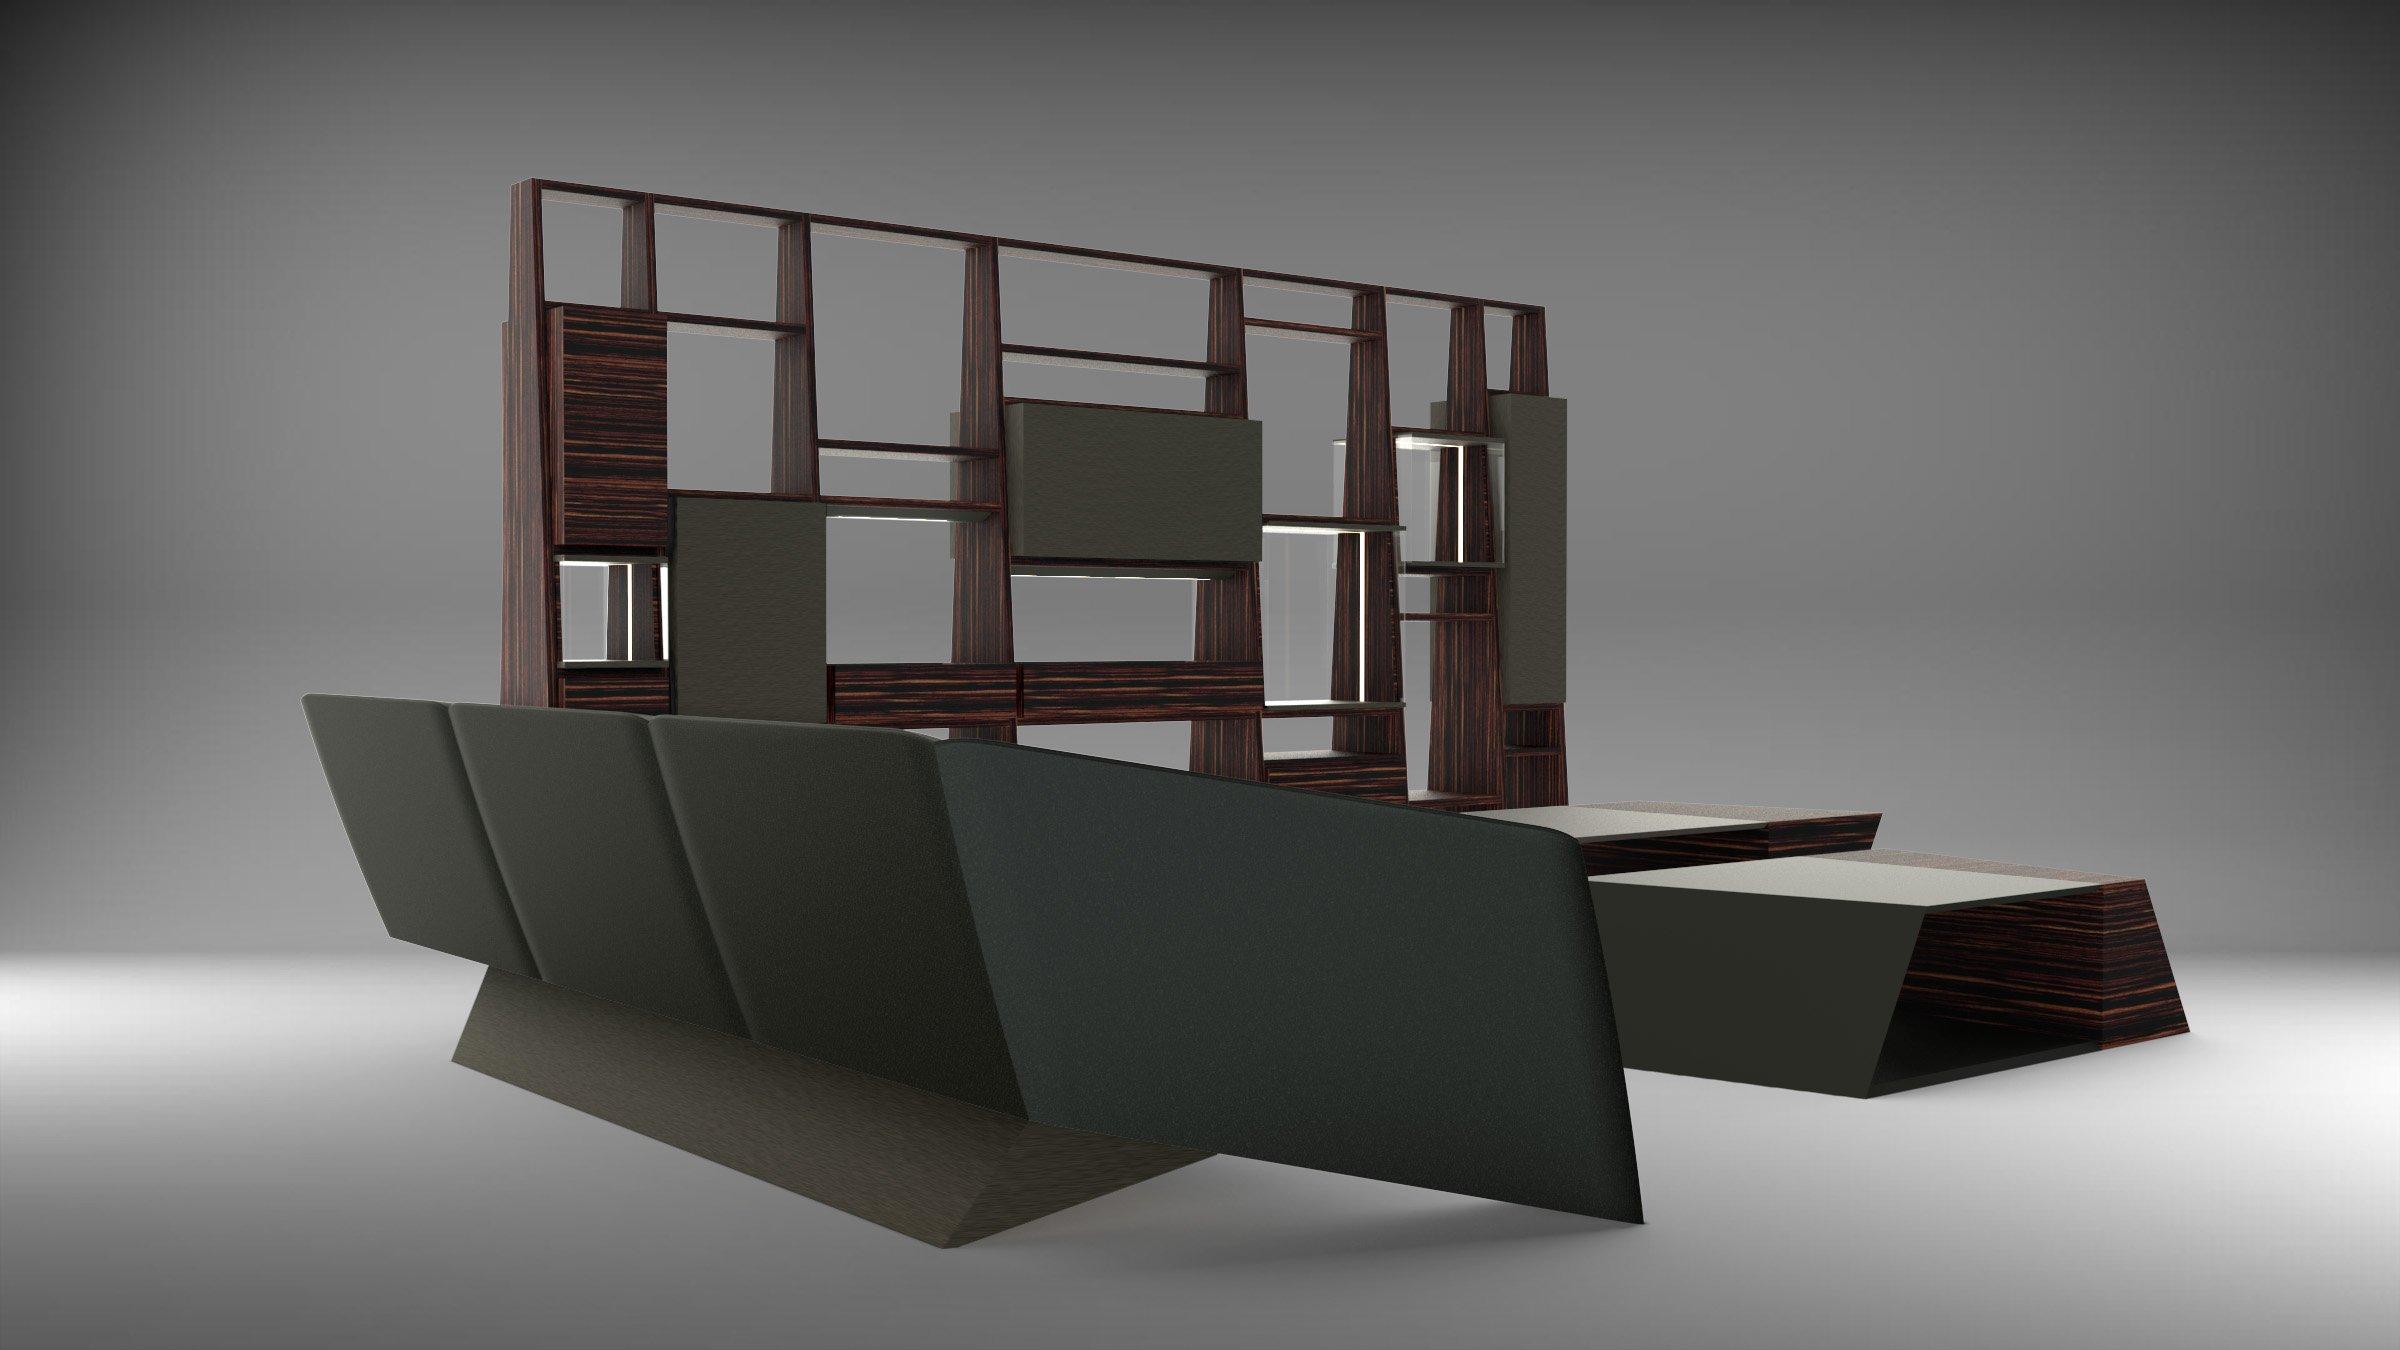 Giugiaro architettura firma la capsule collection di febal for Design di architettura online gratuito per la casa